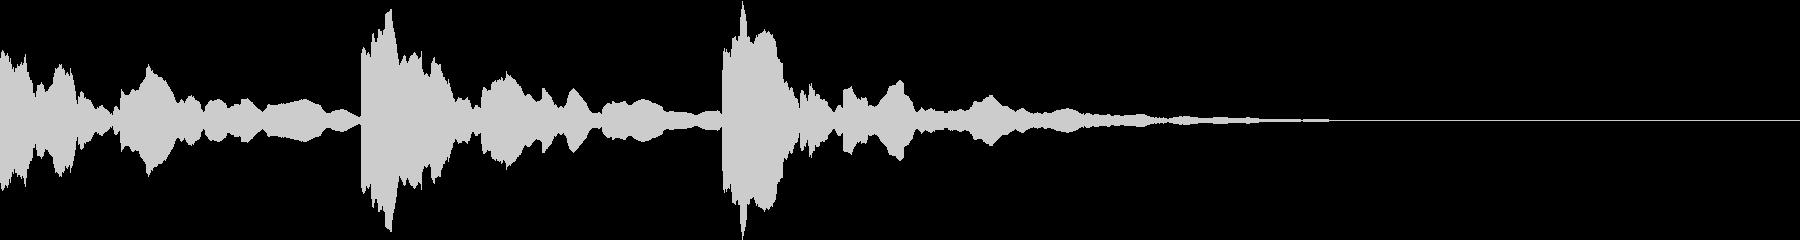 潜水艦の中のような電子音(3発)の未再生の波形